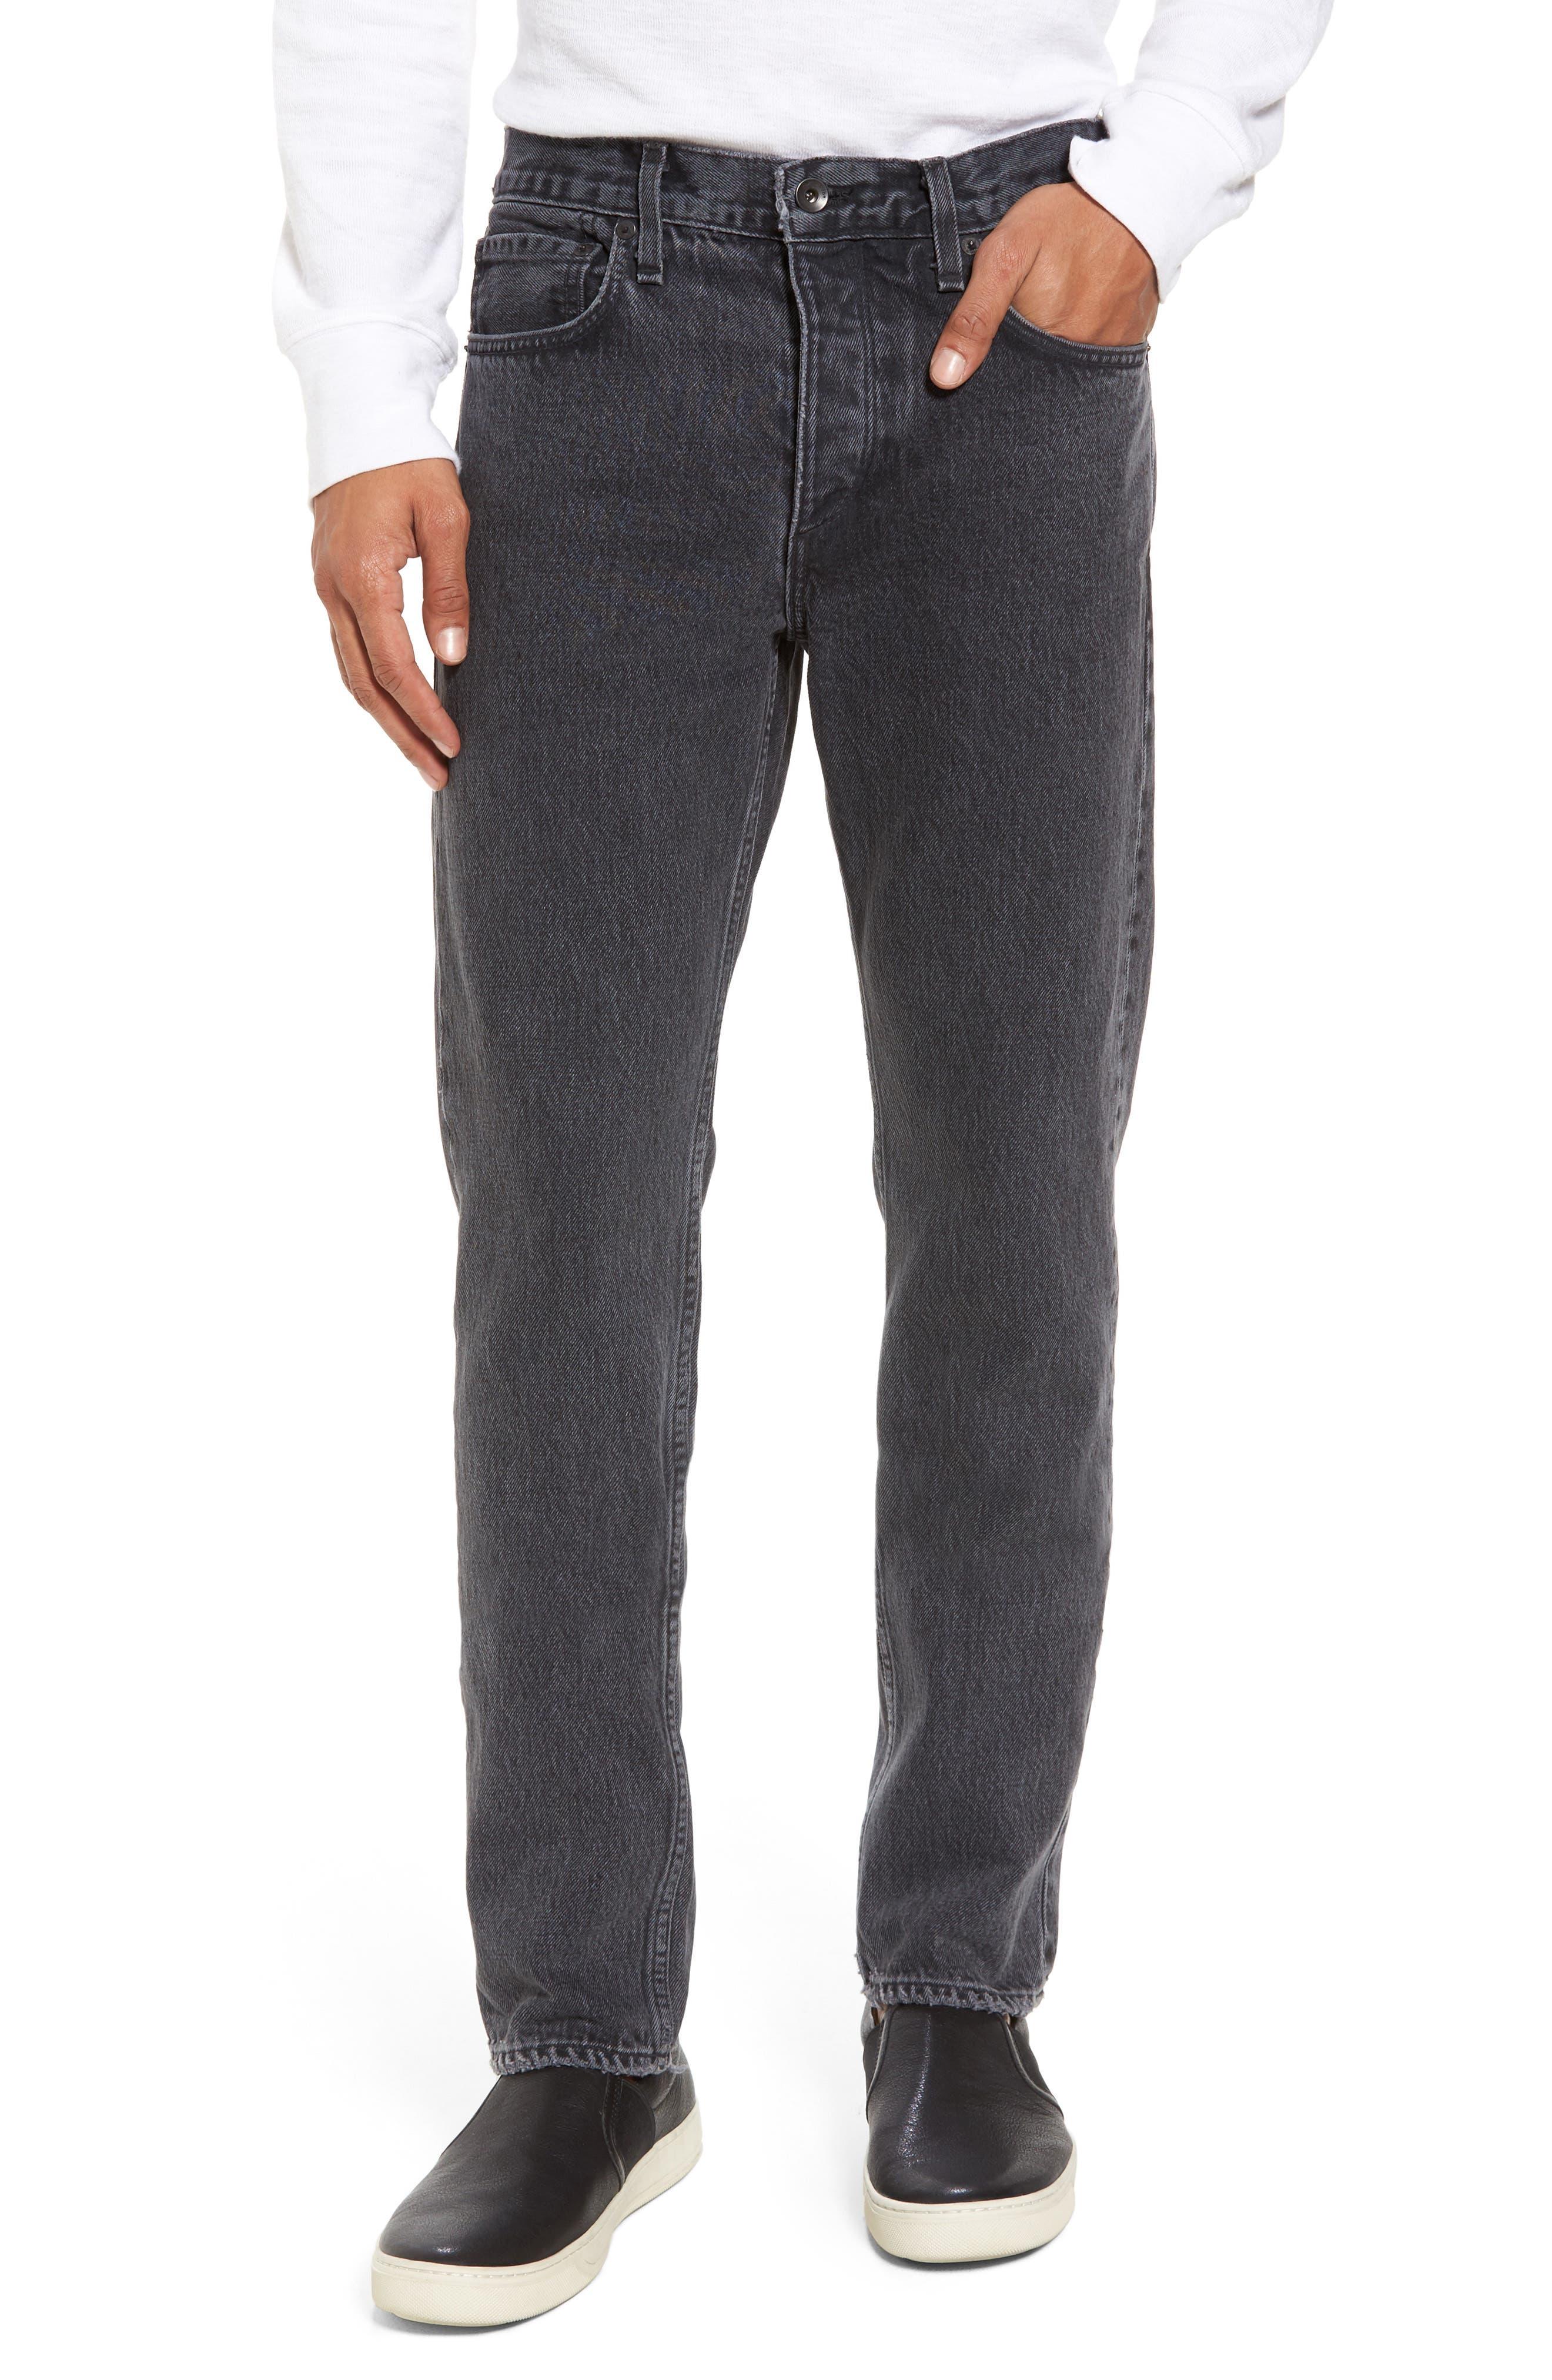 Fit 2 Slim Fit Jeans,                         Main,                         color, 001